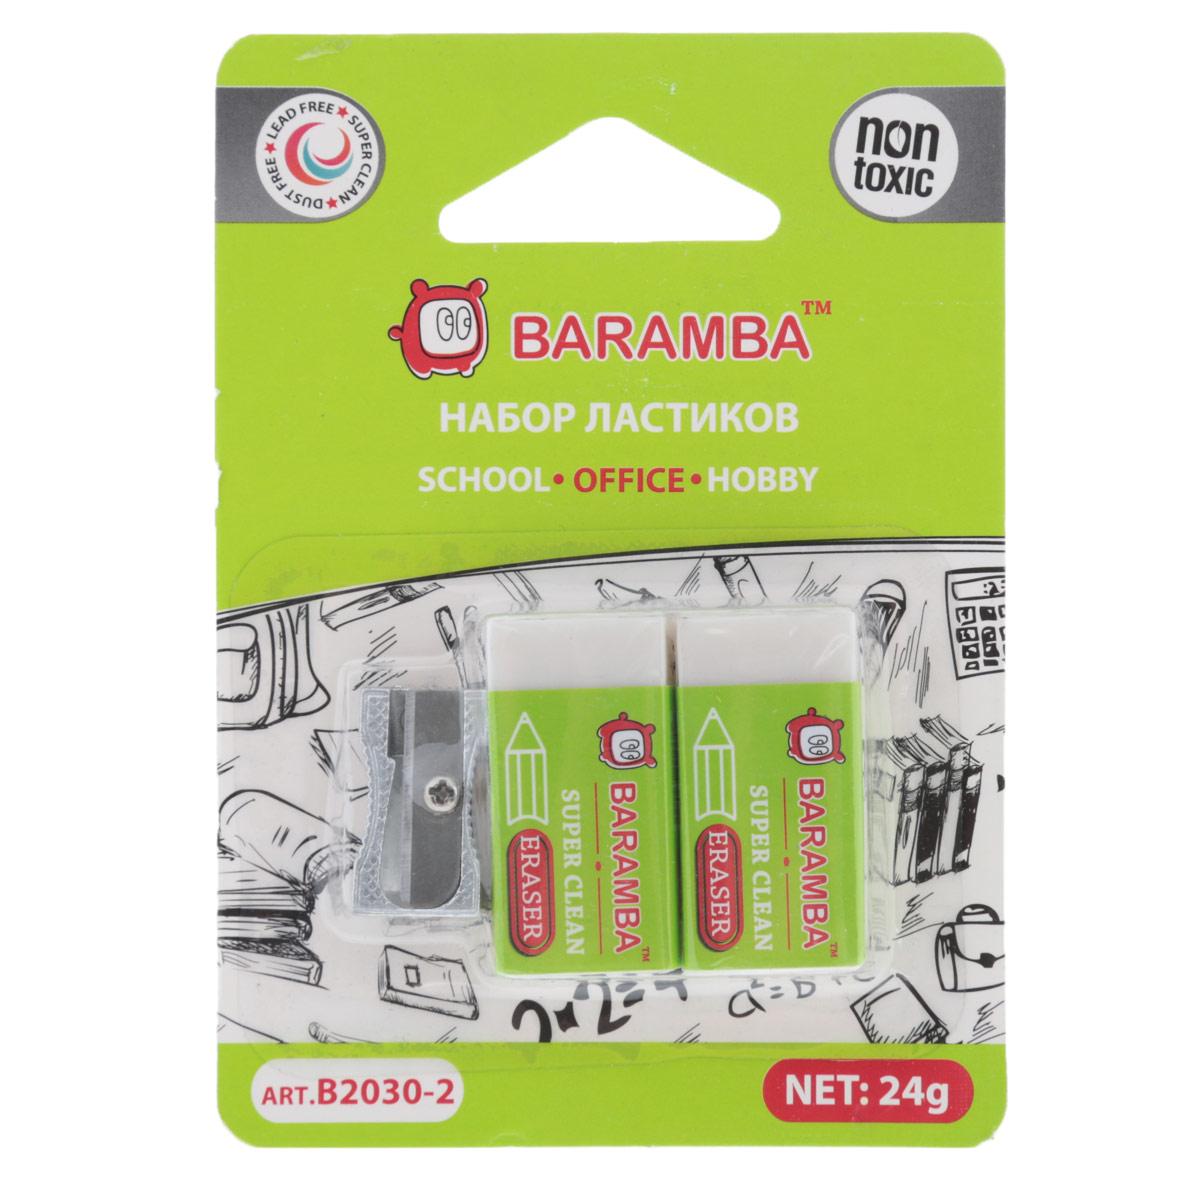 Набор ластиков Baramba Dust Free, с точилкой